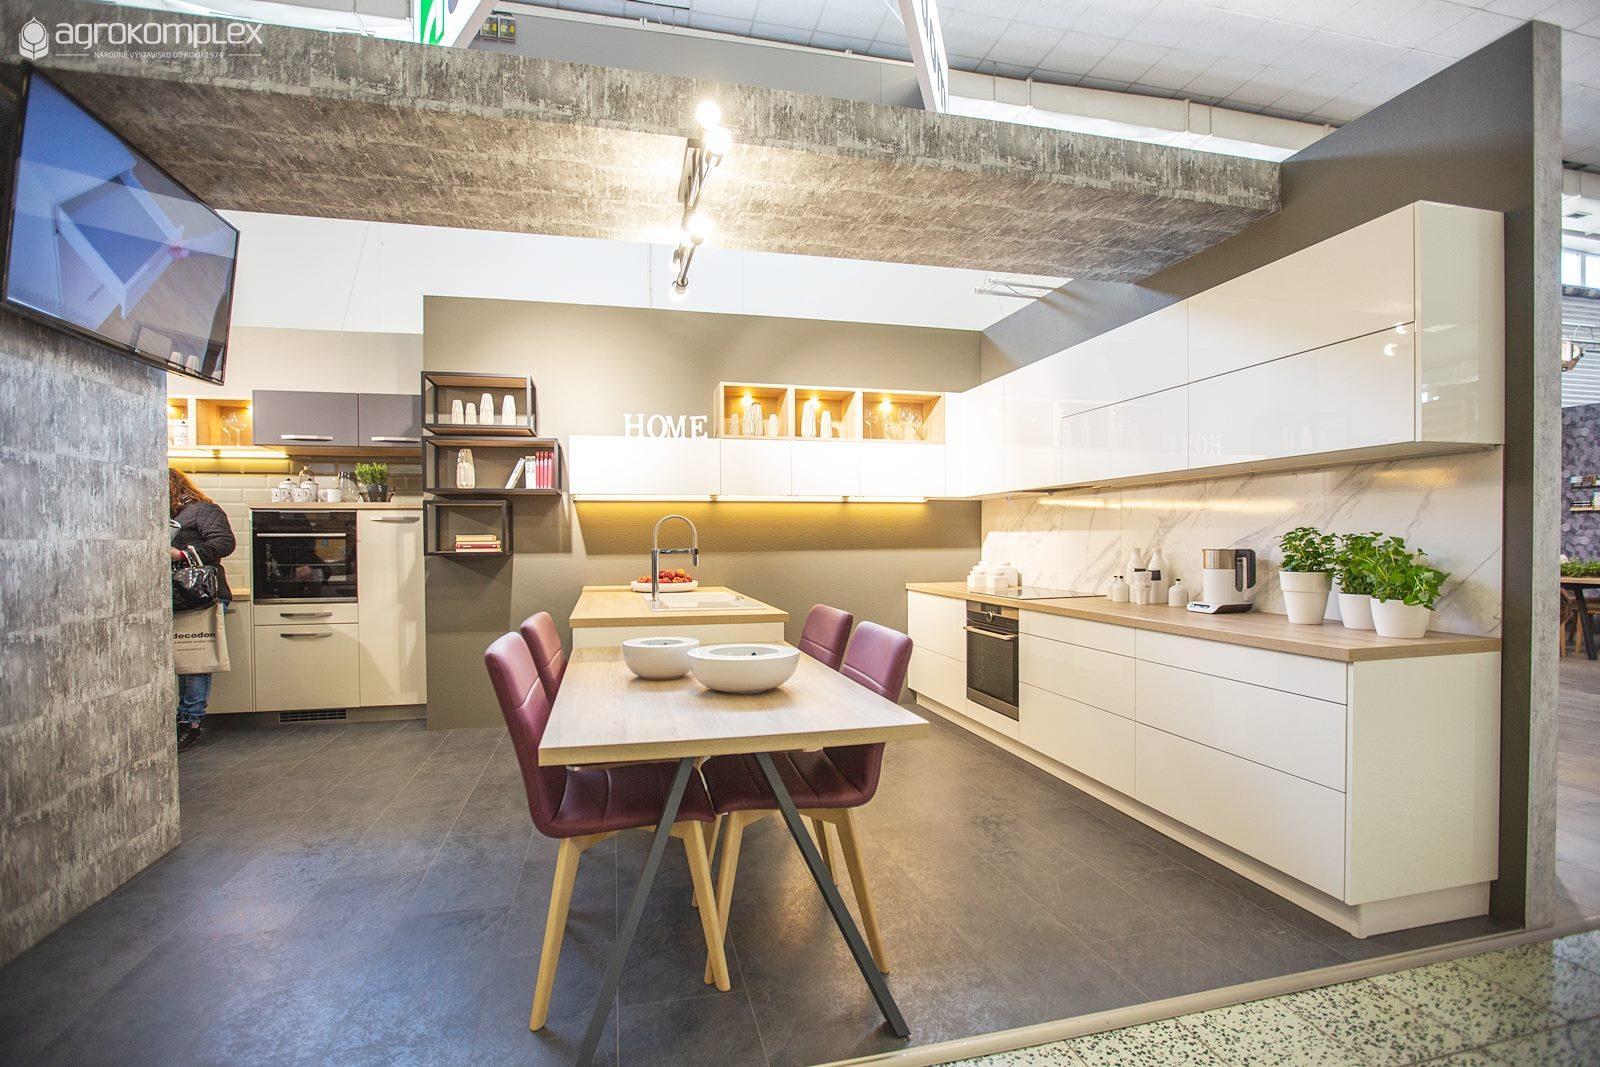 8a7927cedea68 Kuchyne Family sú najnovším členom rodiny kuchýň z Decodomu, ktoré  generačne nahradia kuchyne Decoplan. Ako býva zvykom v dobrých rodinách,  zdedili všetky ...